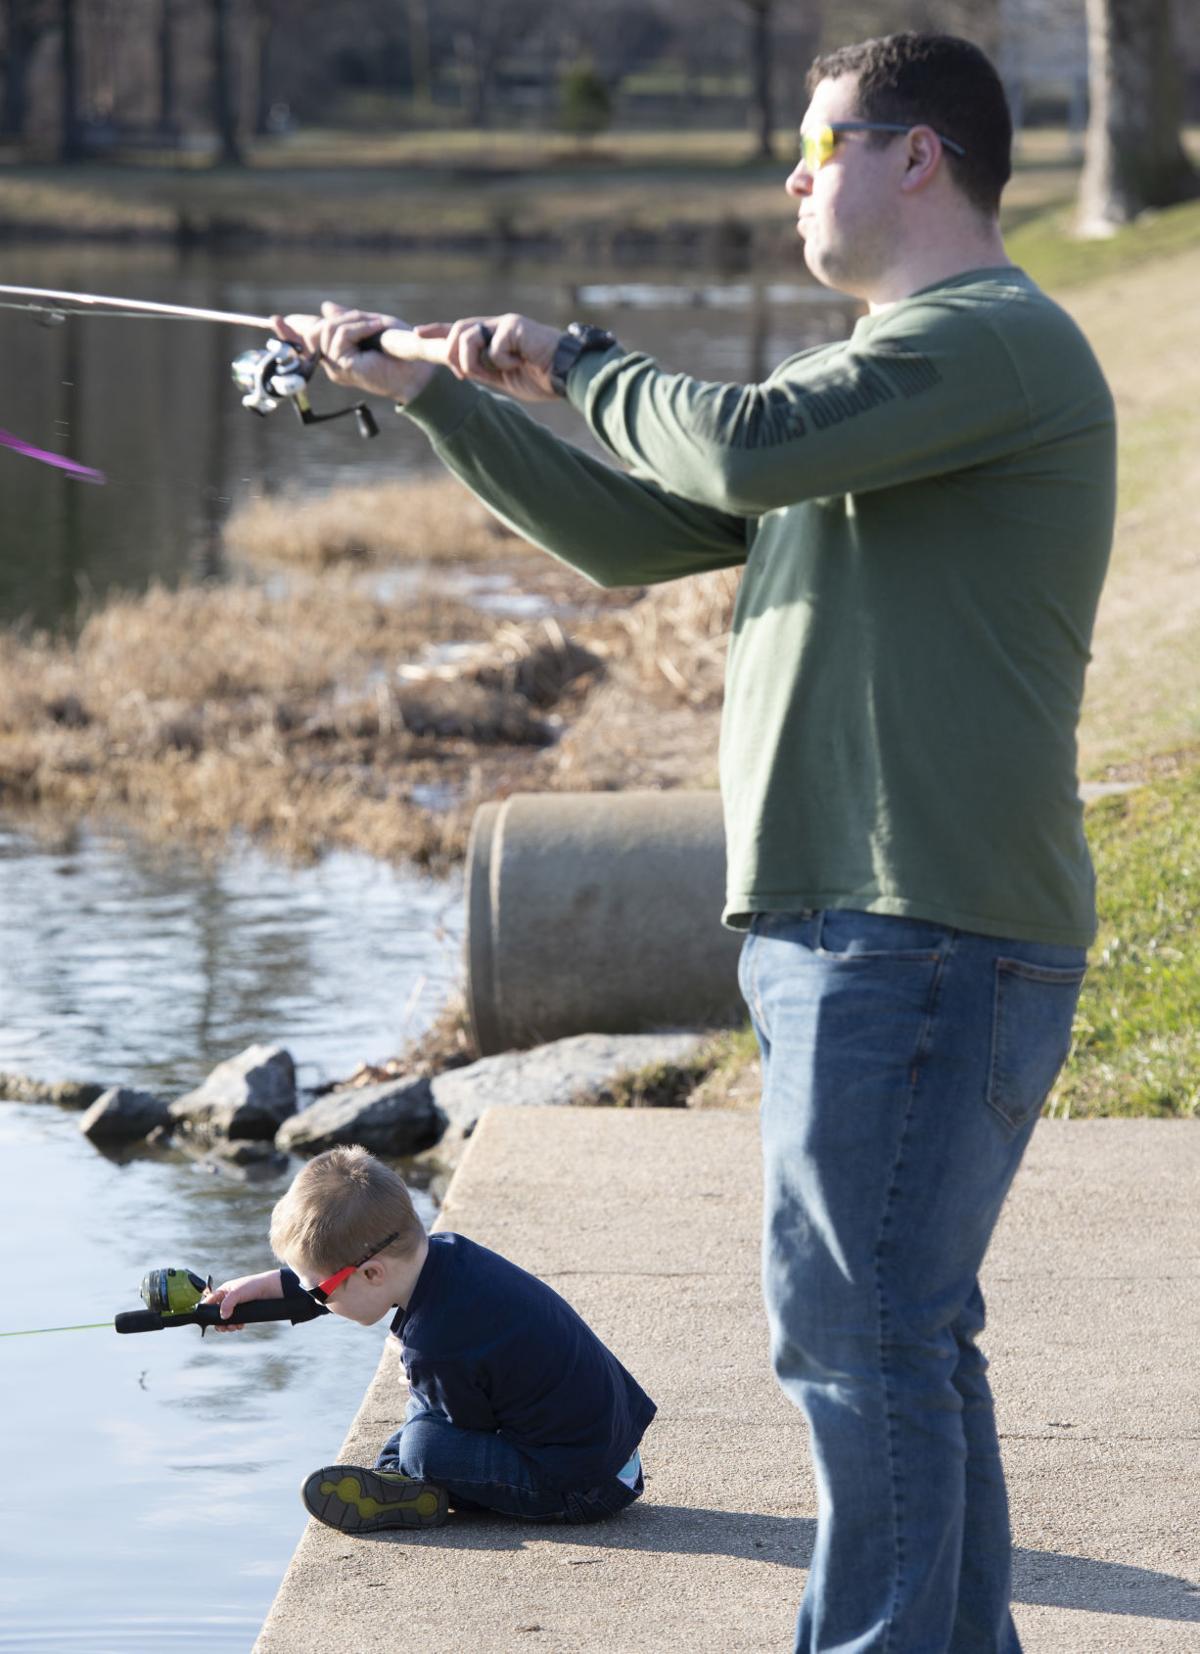 Fishing at Culler Lake